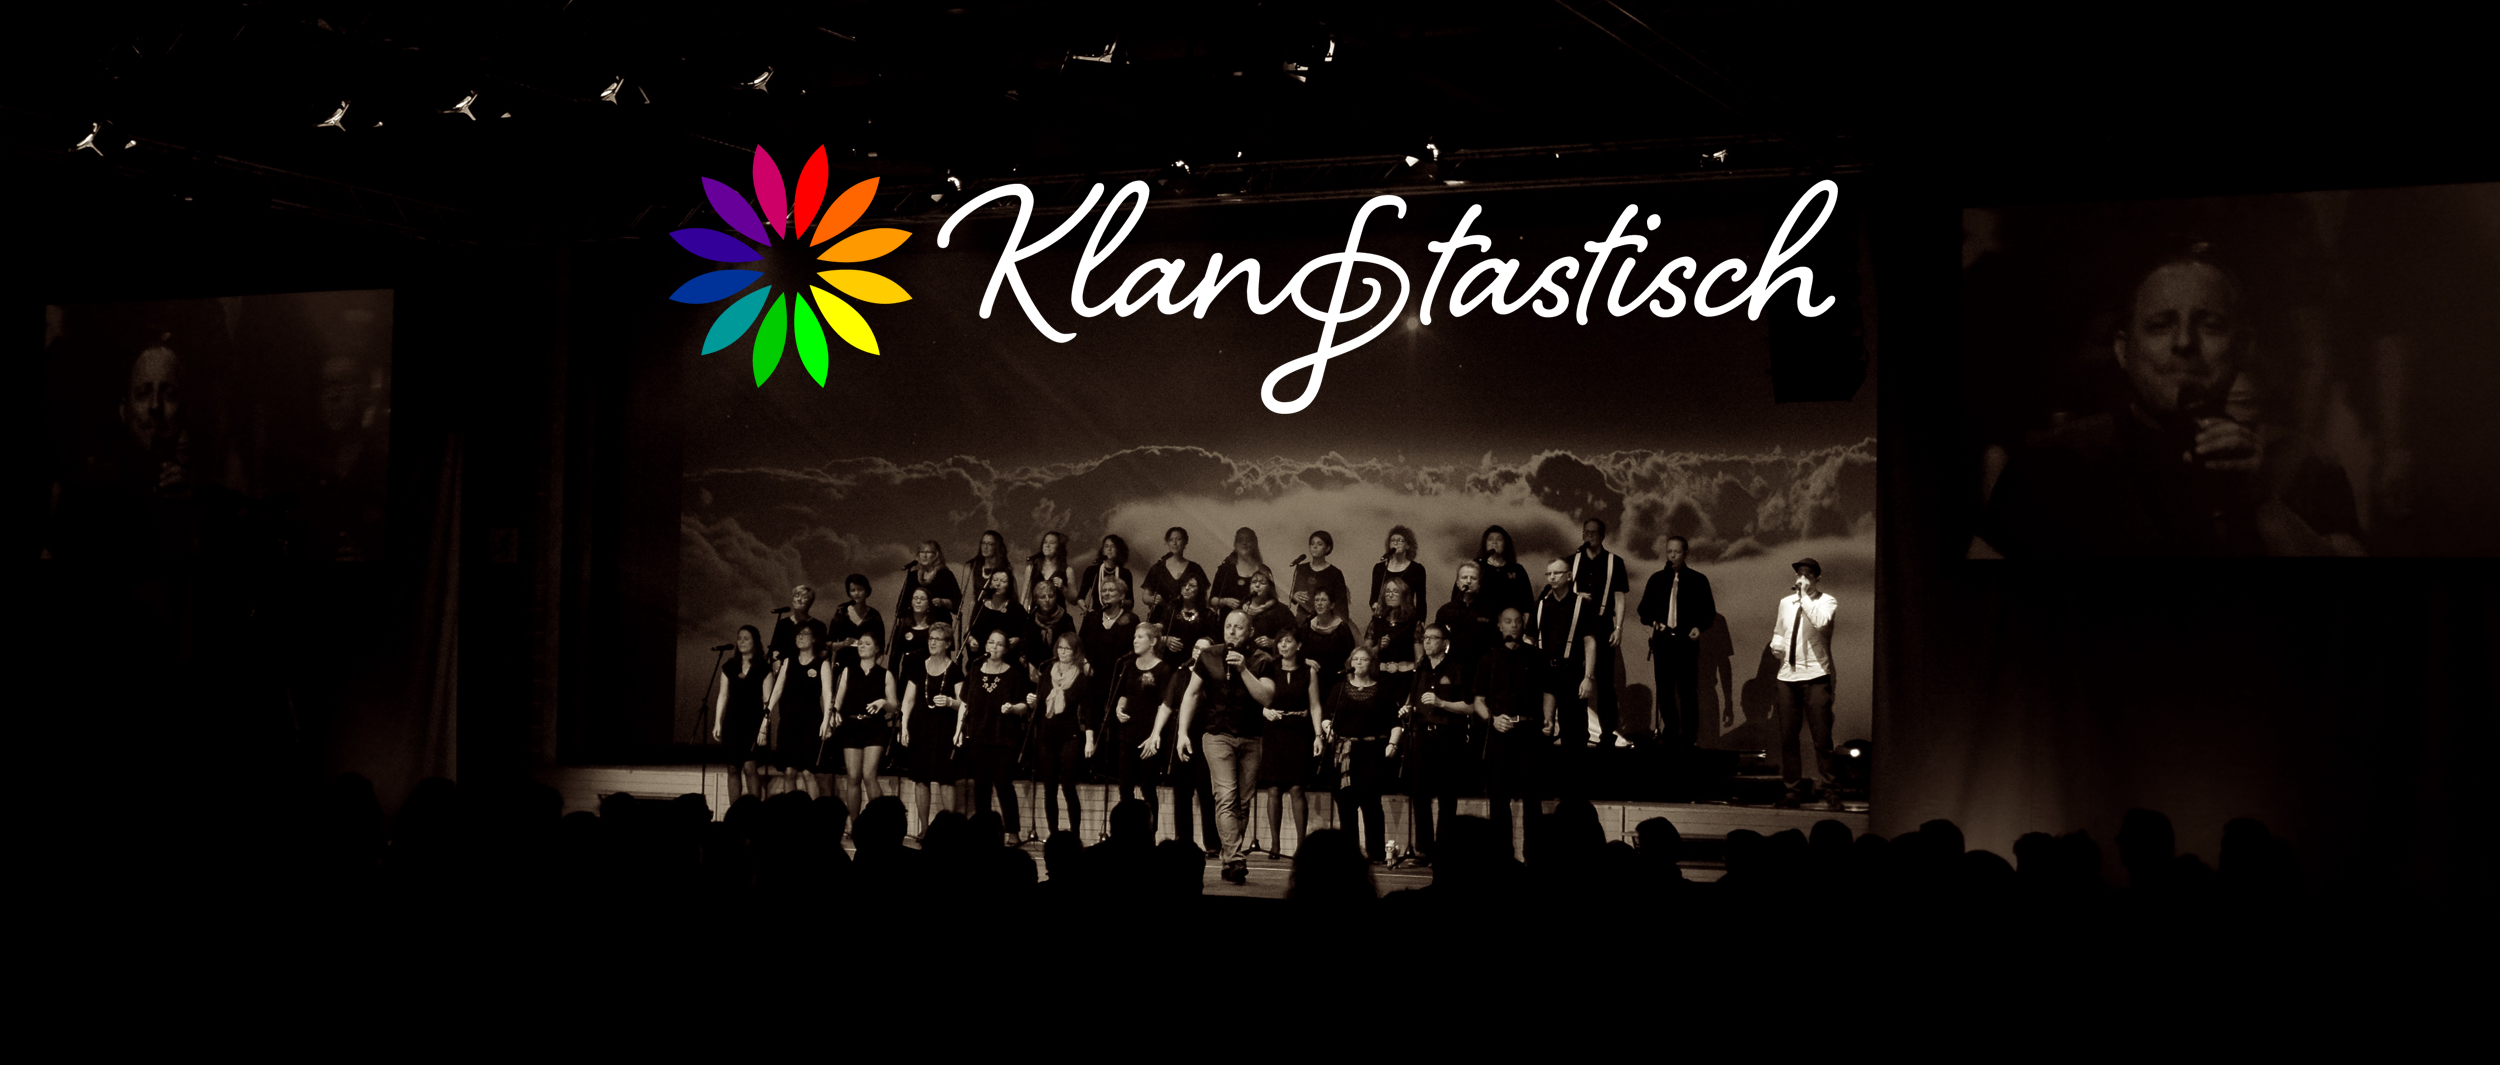 Klangtastisch - rockiger Mundartpop aus der Nordwestschweiz unter der Leitung von Dani Kalt